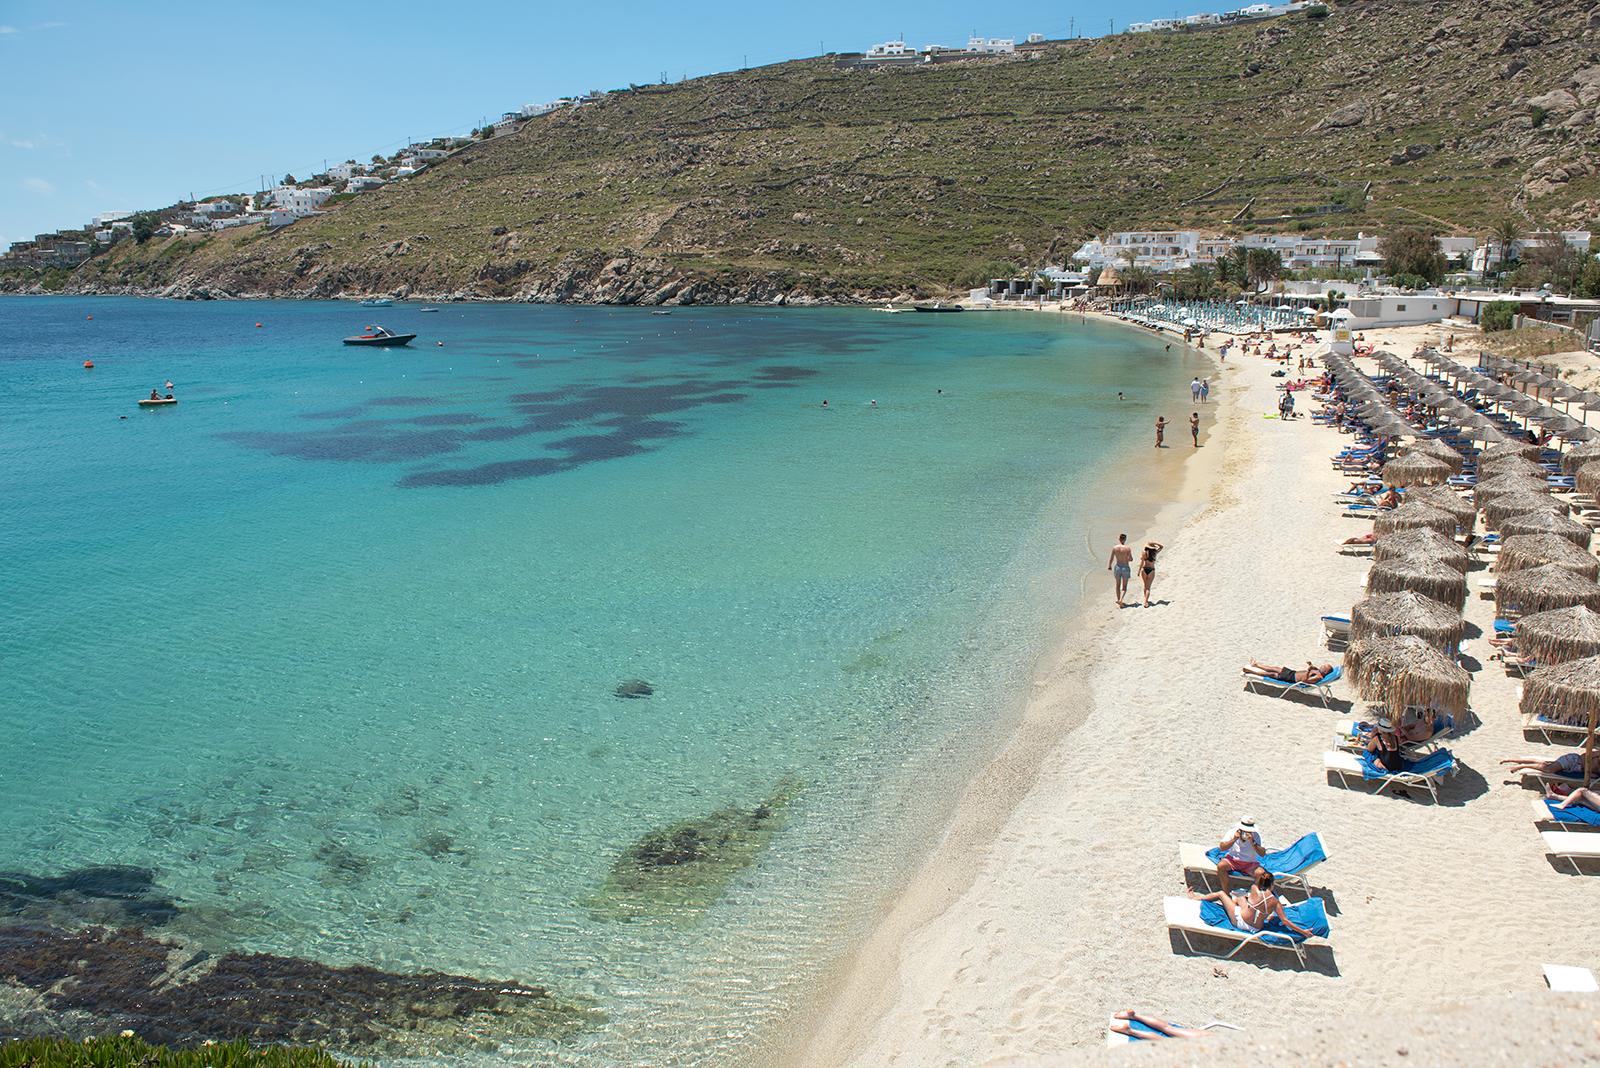 beach in Mykonos Greece